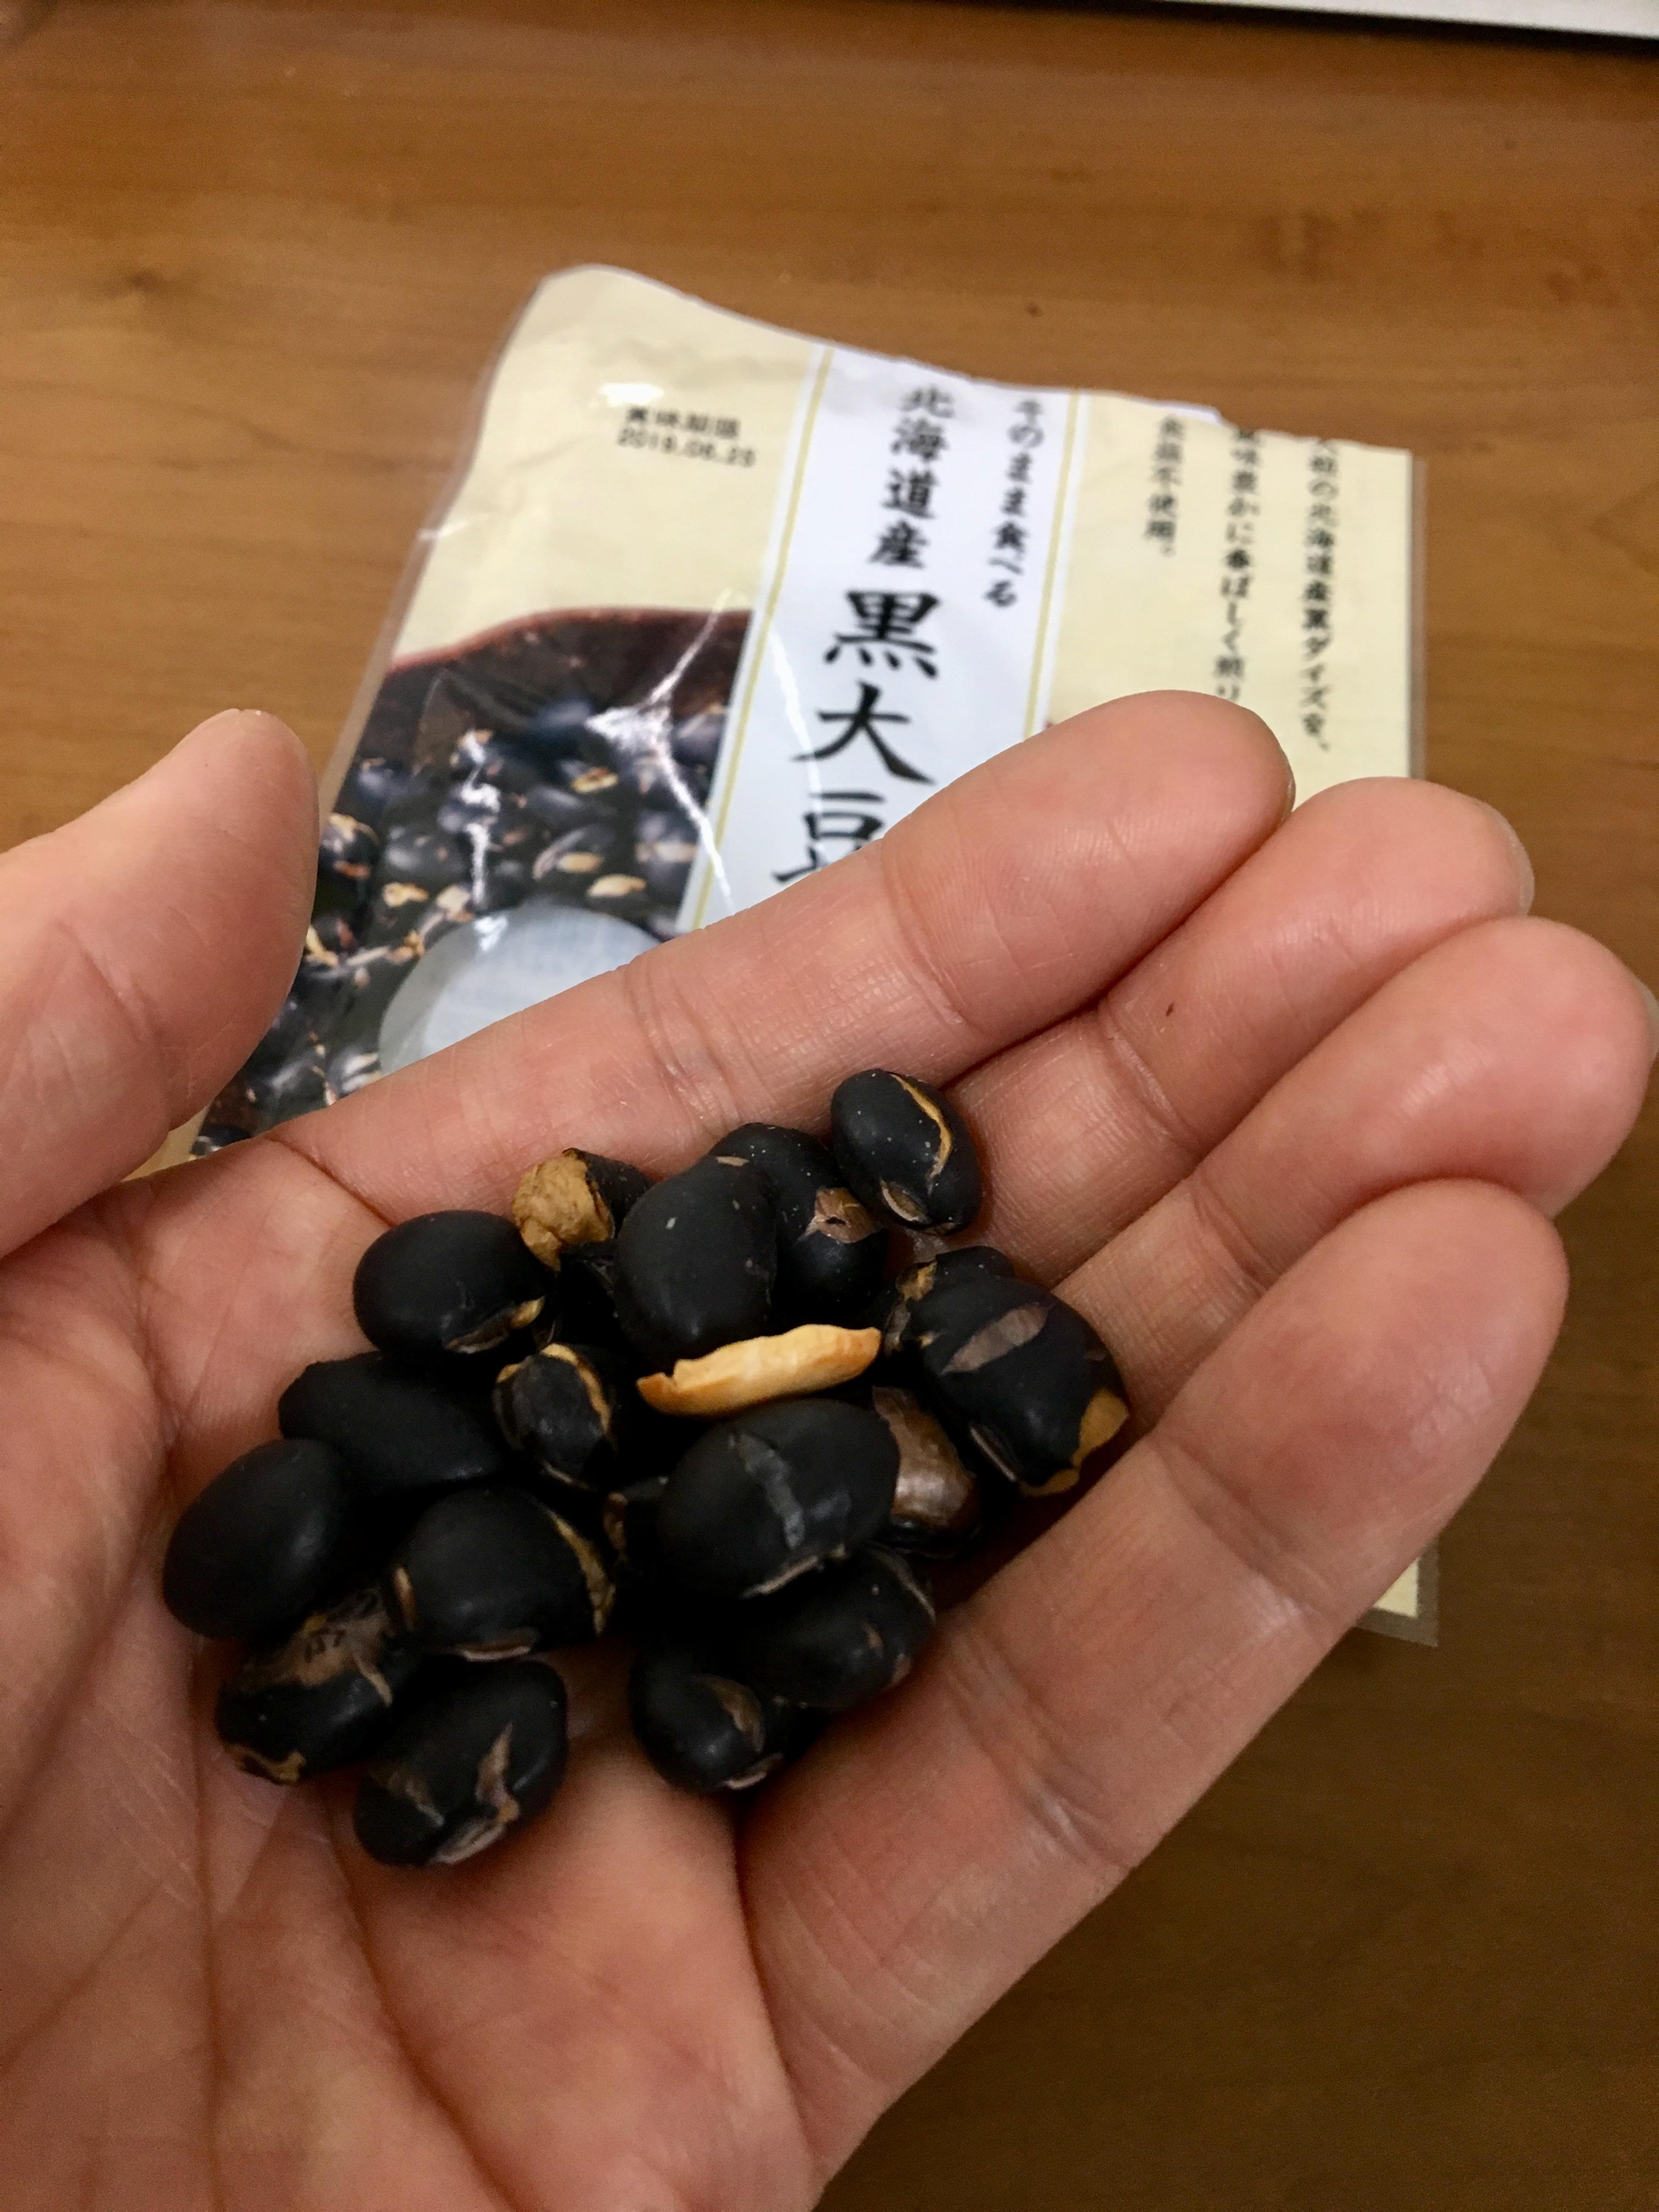 [ブログ]節分には黒大豆を。大豆イソフラボンは美容に良いです。